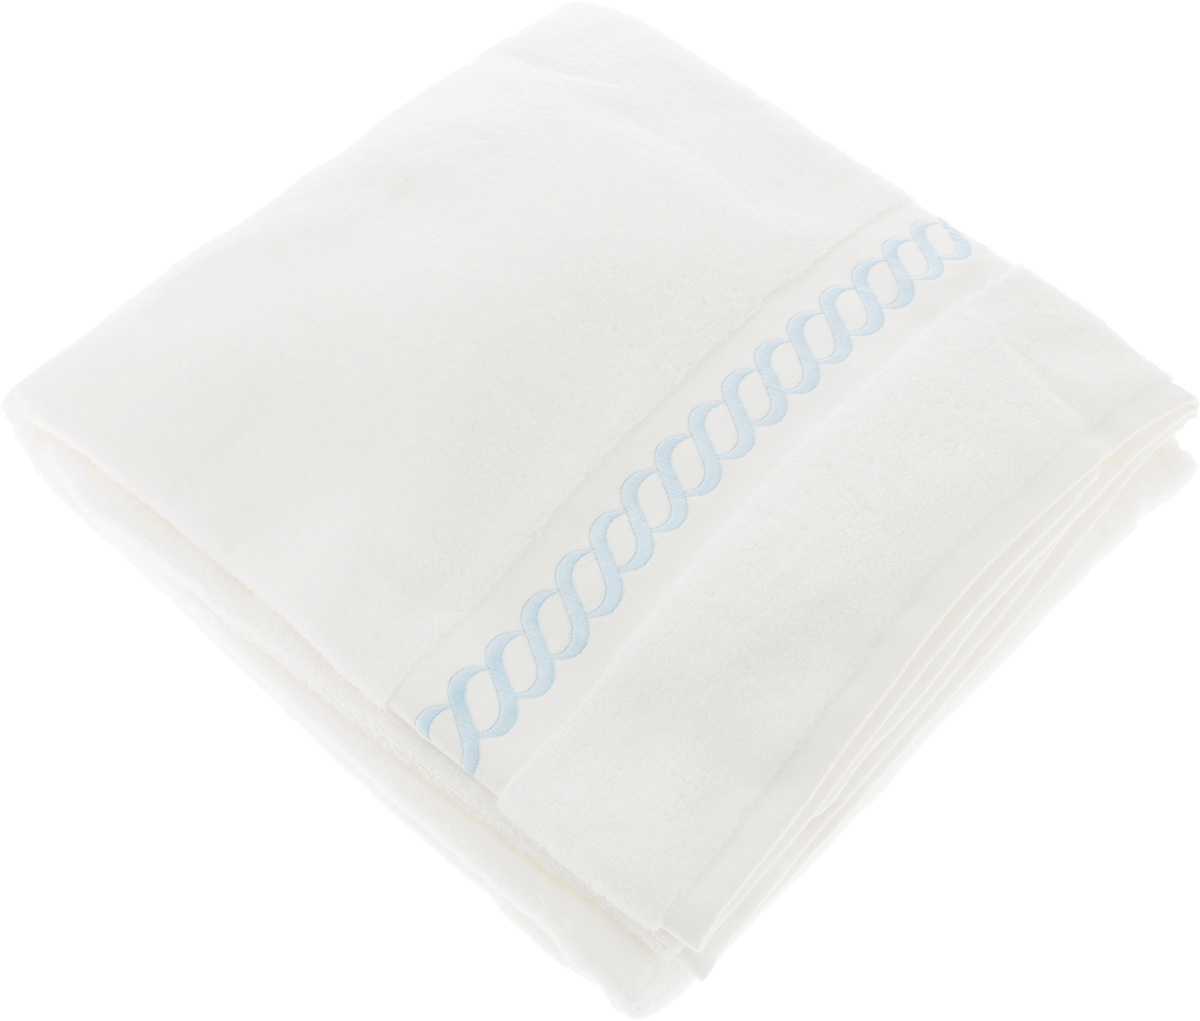 Полотенце махровое Issimo Home Pauline, цвет: белый, голубой, 90 x 150 см1004900000360Полотенце Issimo Home Pauline выполнено из натуральной махровой ткани (100% хлопок). Изделие отлично впитывает влагу, быстро сохнет и не теряет форму даже после многократных стирок. Рекомендации по уходу:- режим стирки при 40°C,- допускается обычная химчистка,- отбеливание запрещено,- глажка при температуре подошвы утюга до 110°С,- барабанный отжим запрещен.Размер полотенца: 90 x 150 см.